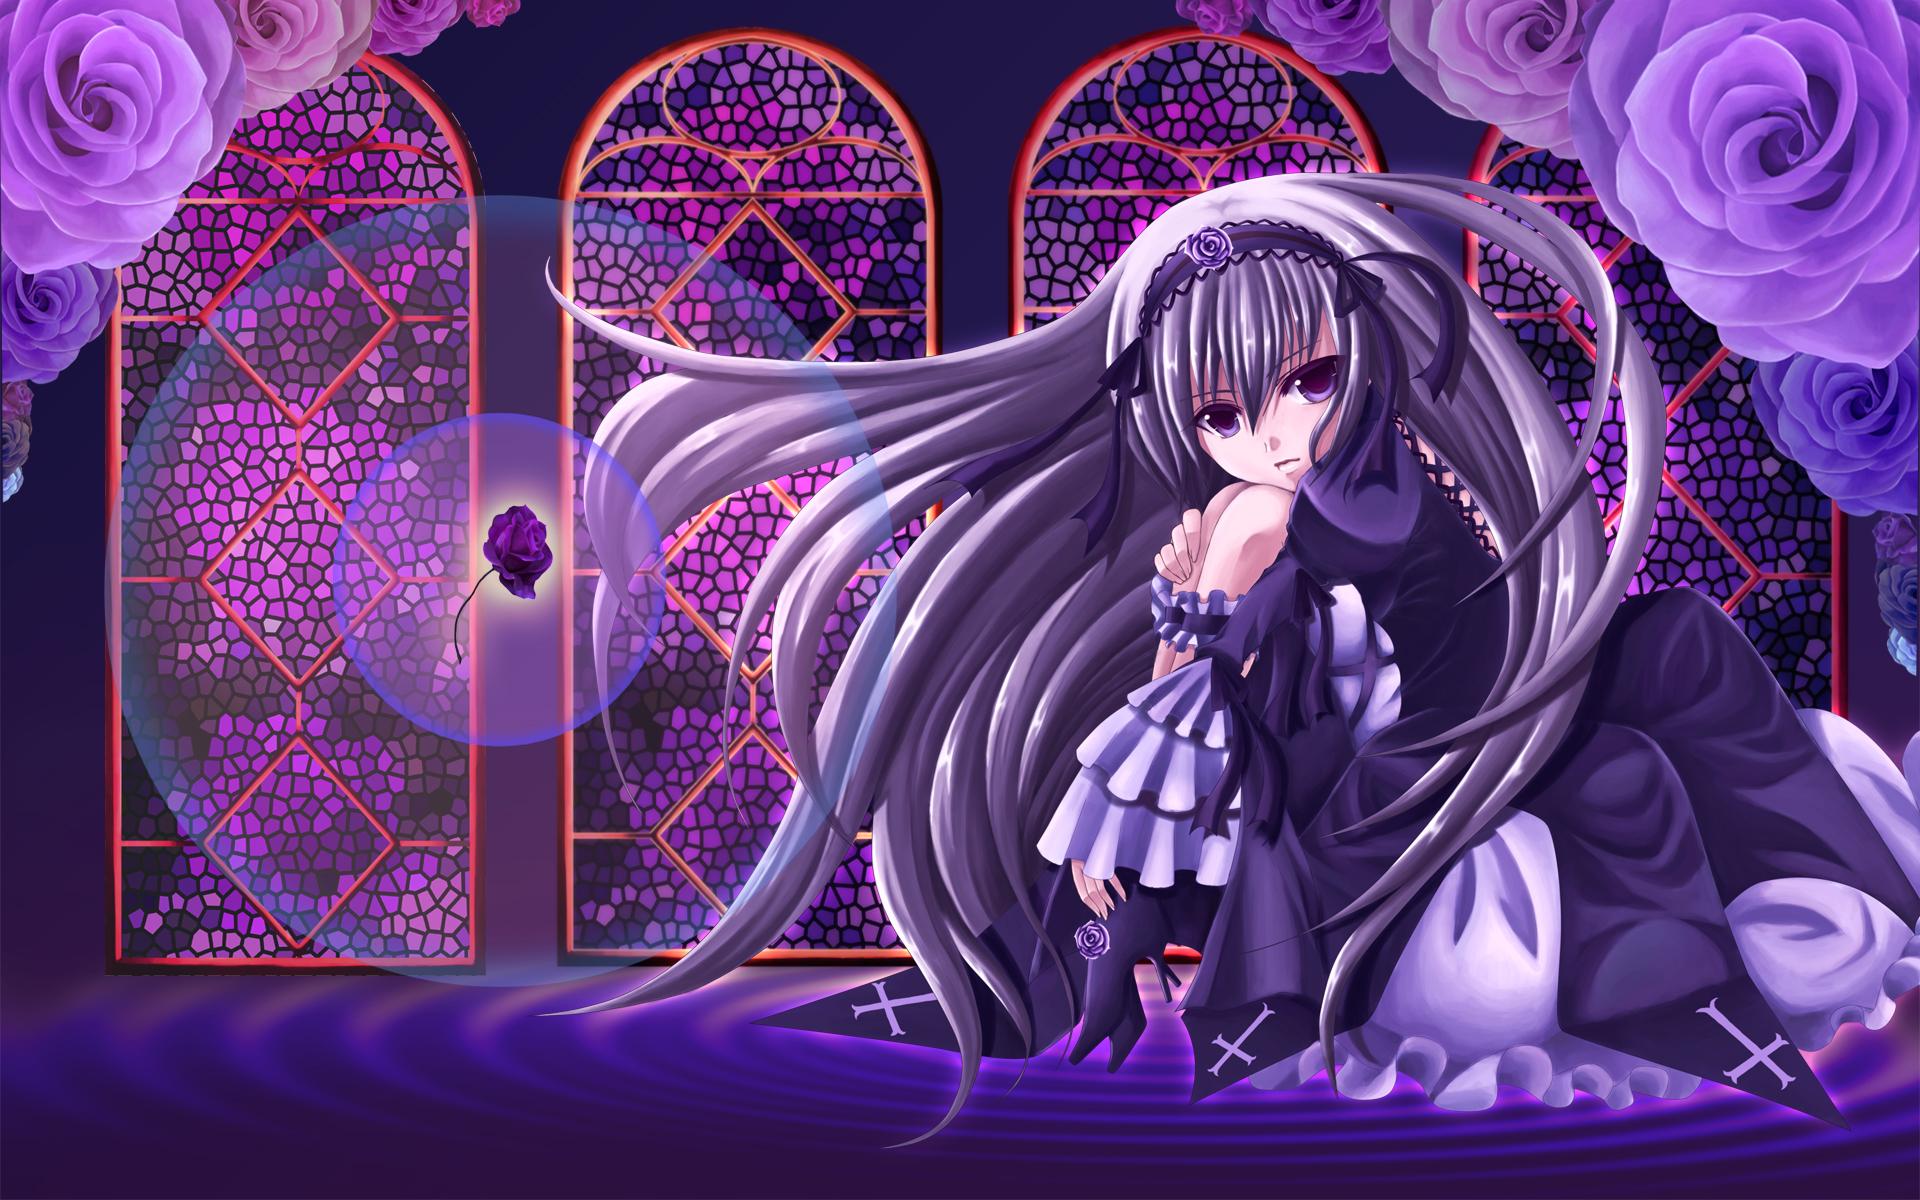 Anime Rozen Maiden 1920x1200